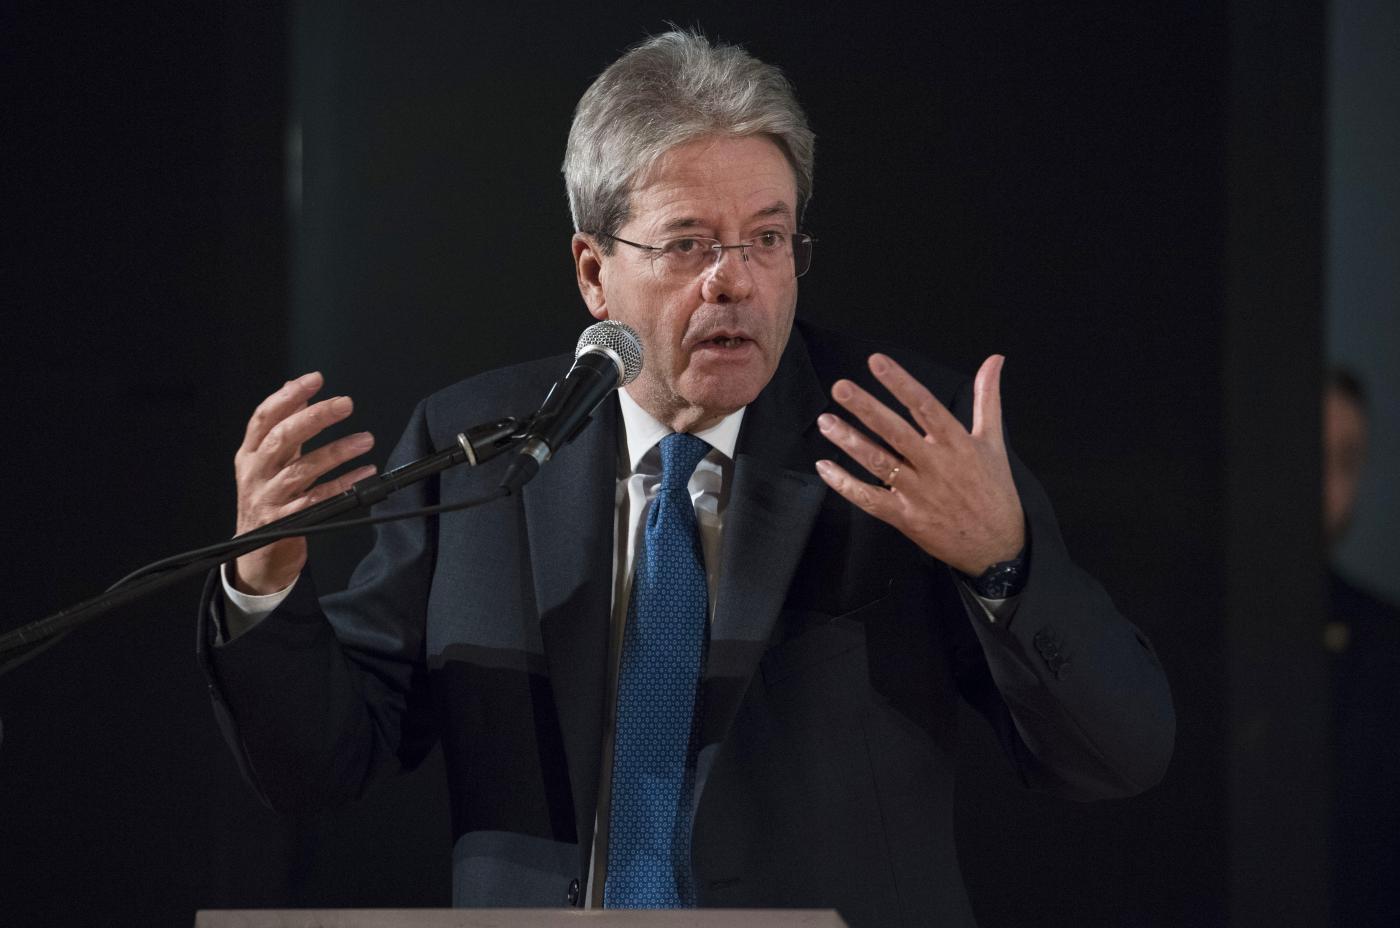 Ue, i rigoristi del Nord non vogliono Gentiloni agli Affari economici